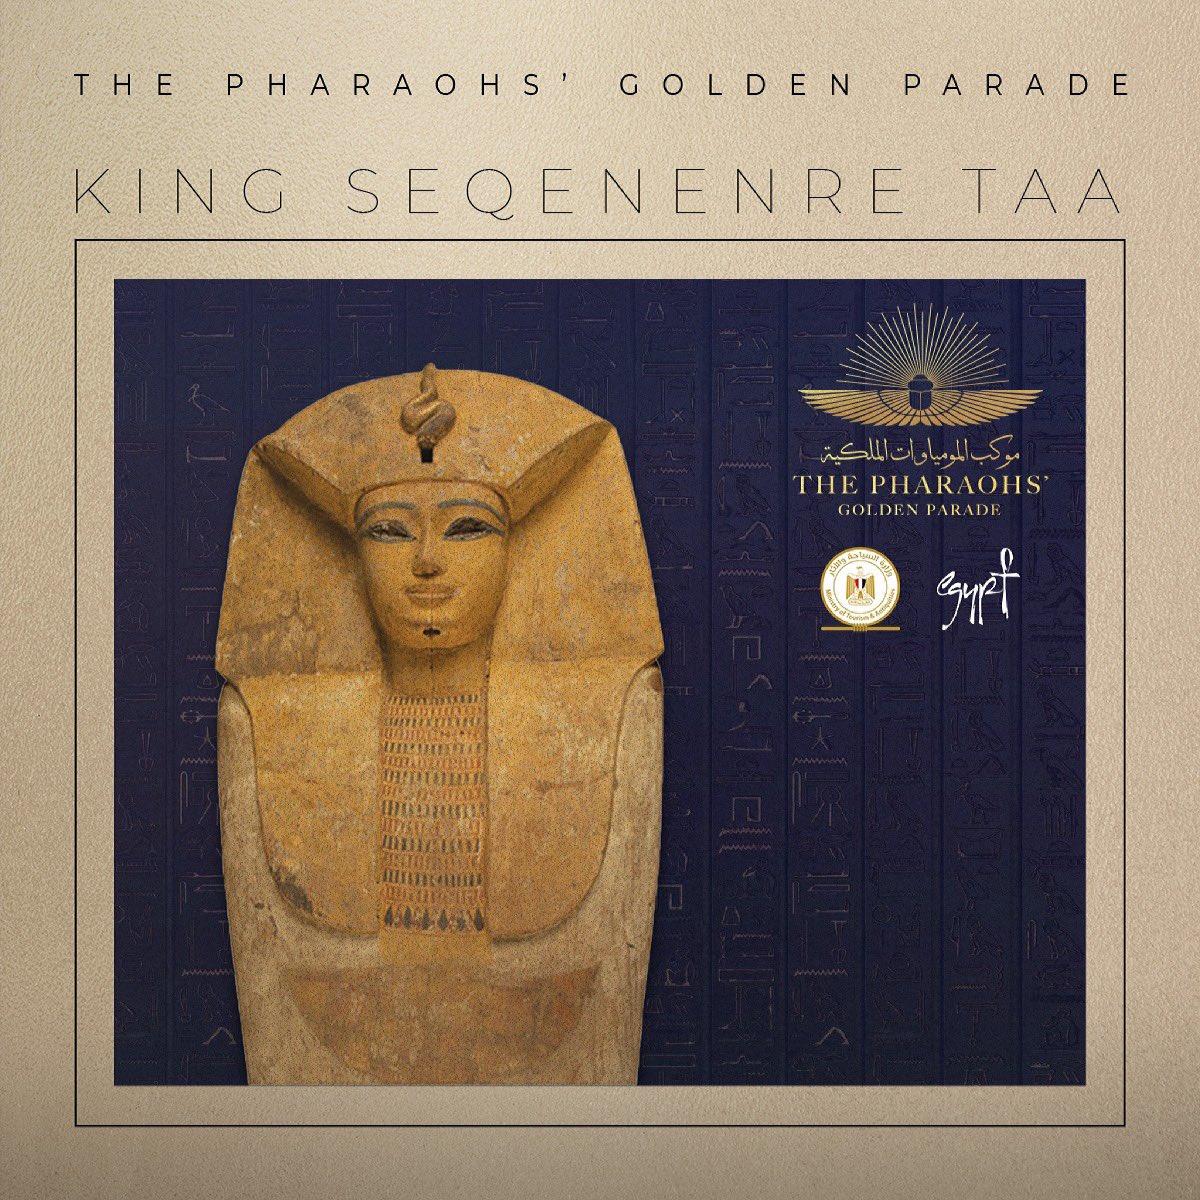 King Seqenenre Taa